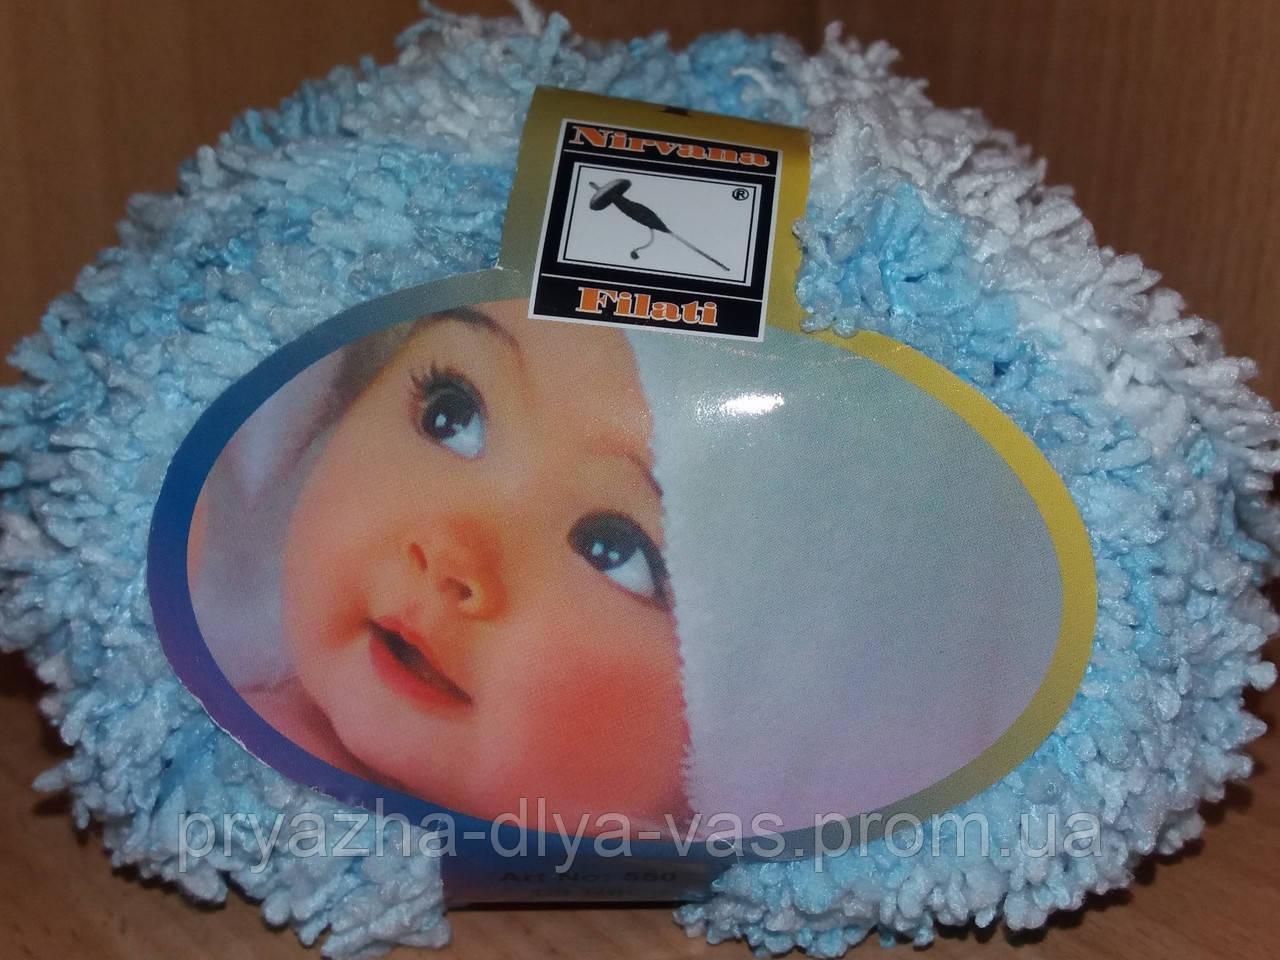 Детская махровая пряжа Filati Baby (100% микрополиэстер 50г/75м) Бело-голубой меланж